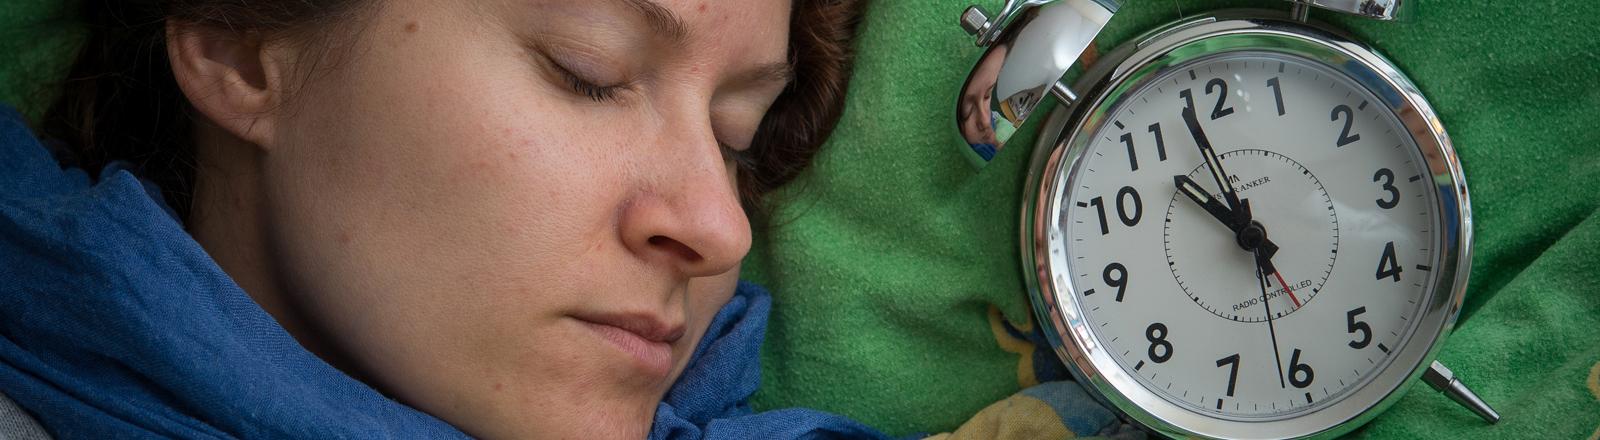 Eine Frau liegt schlafend im Bett. Neben ihr liegt ein Wecker